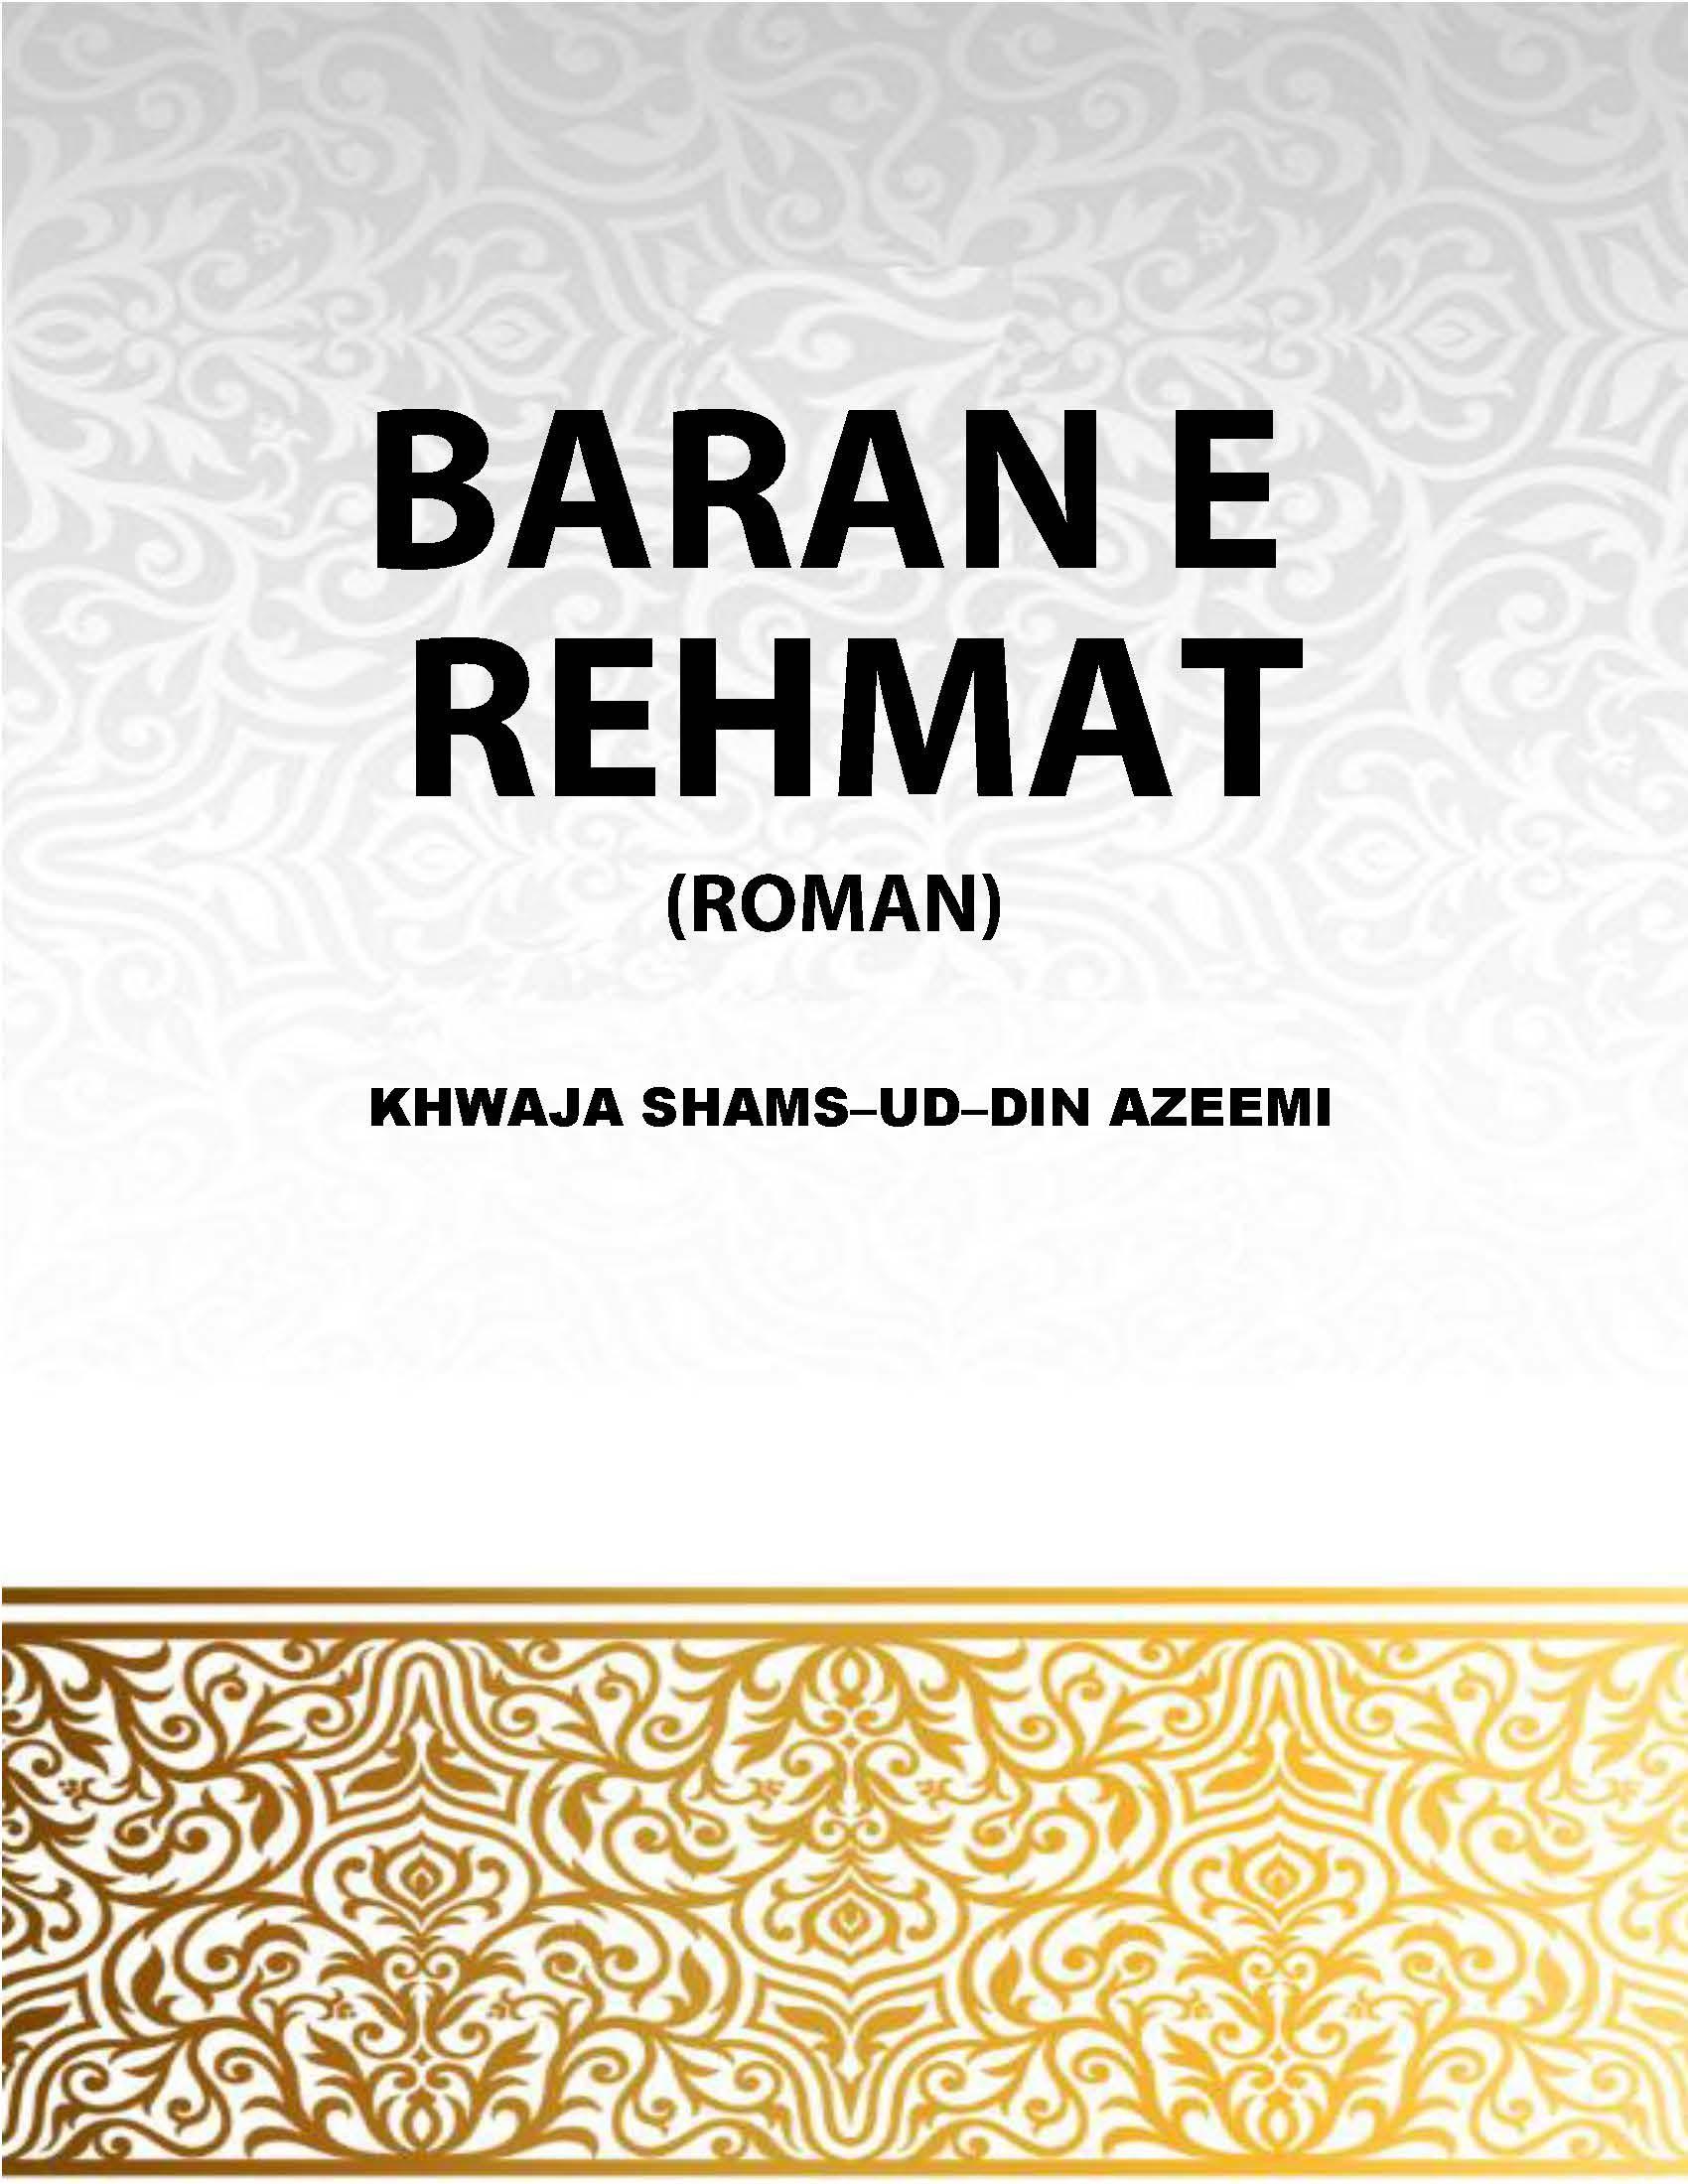 BARAN E REHMAT